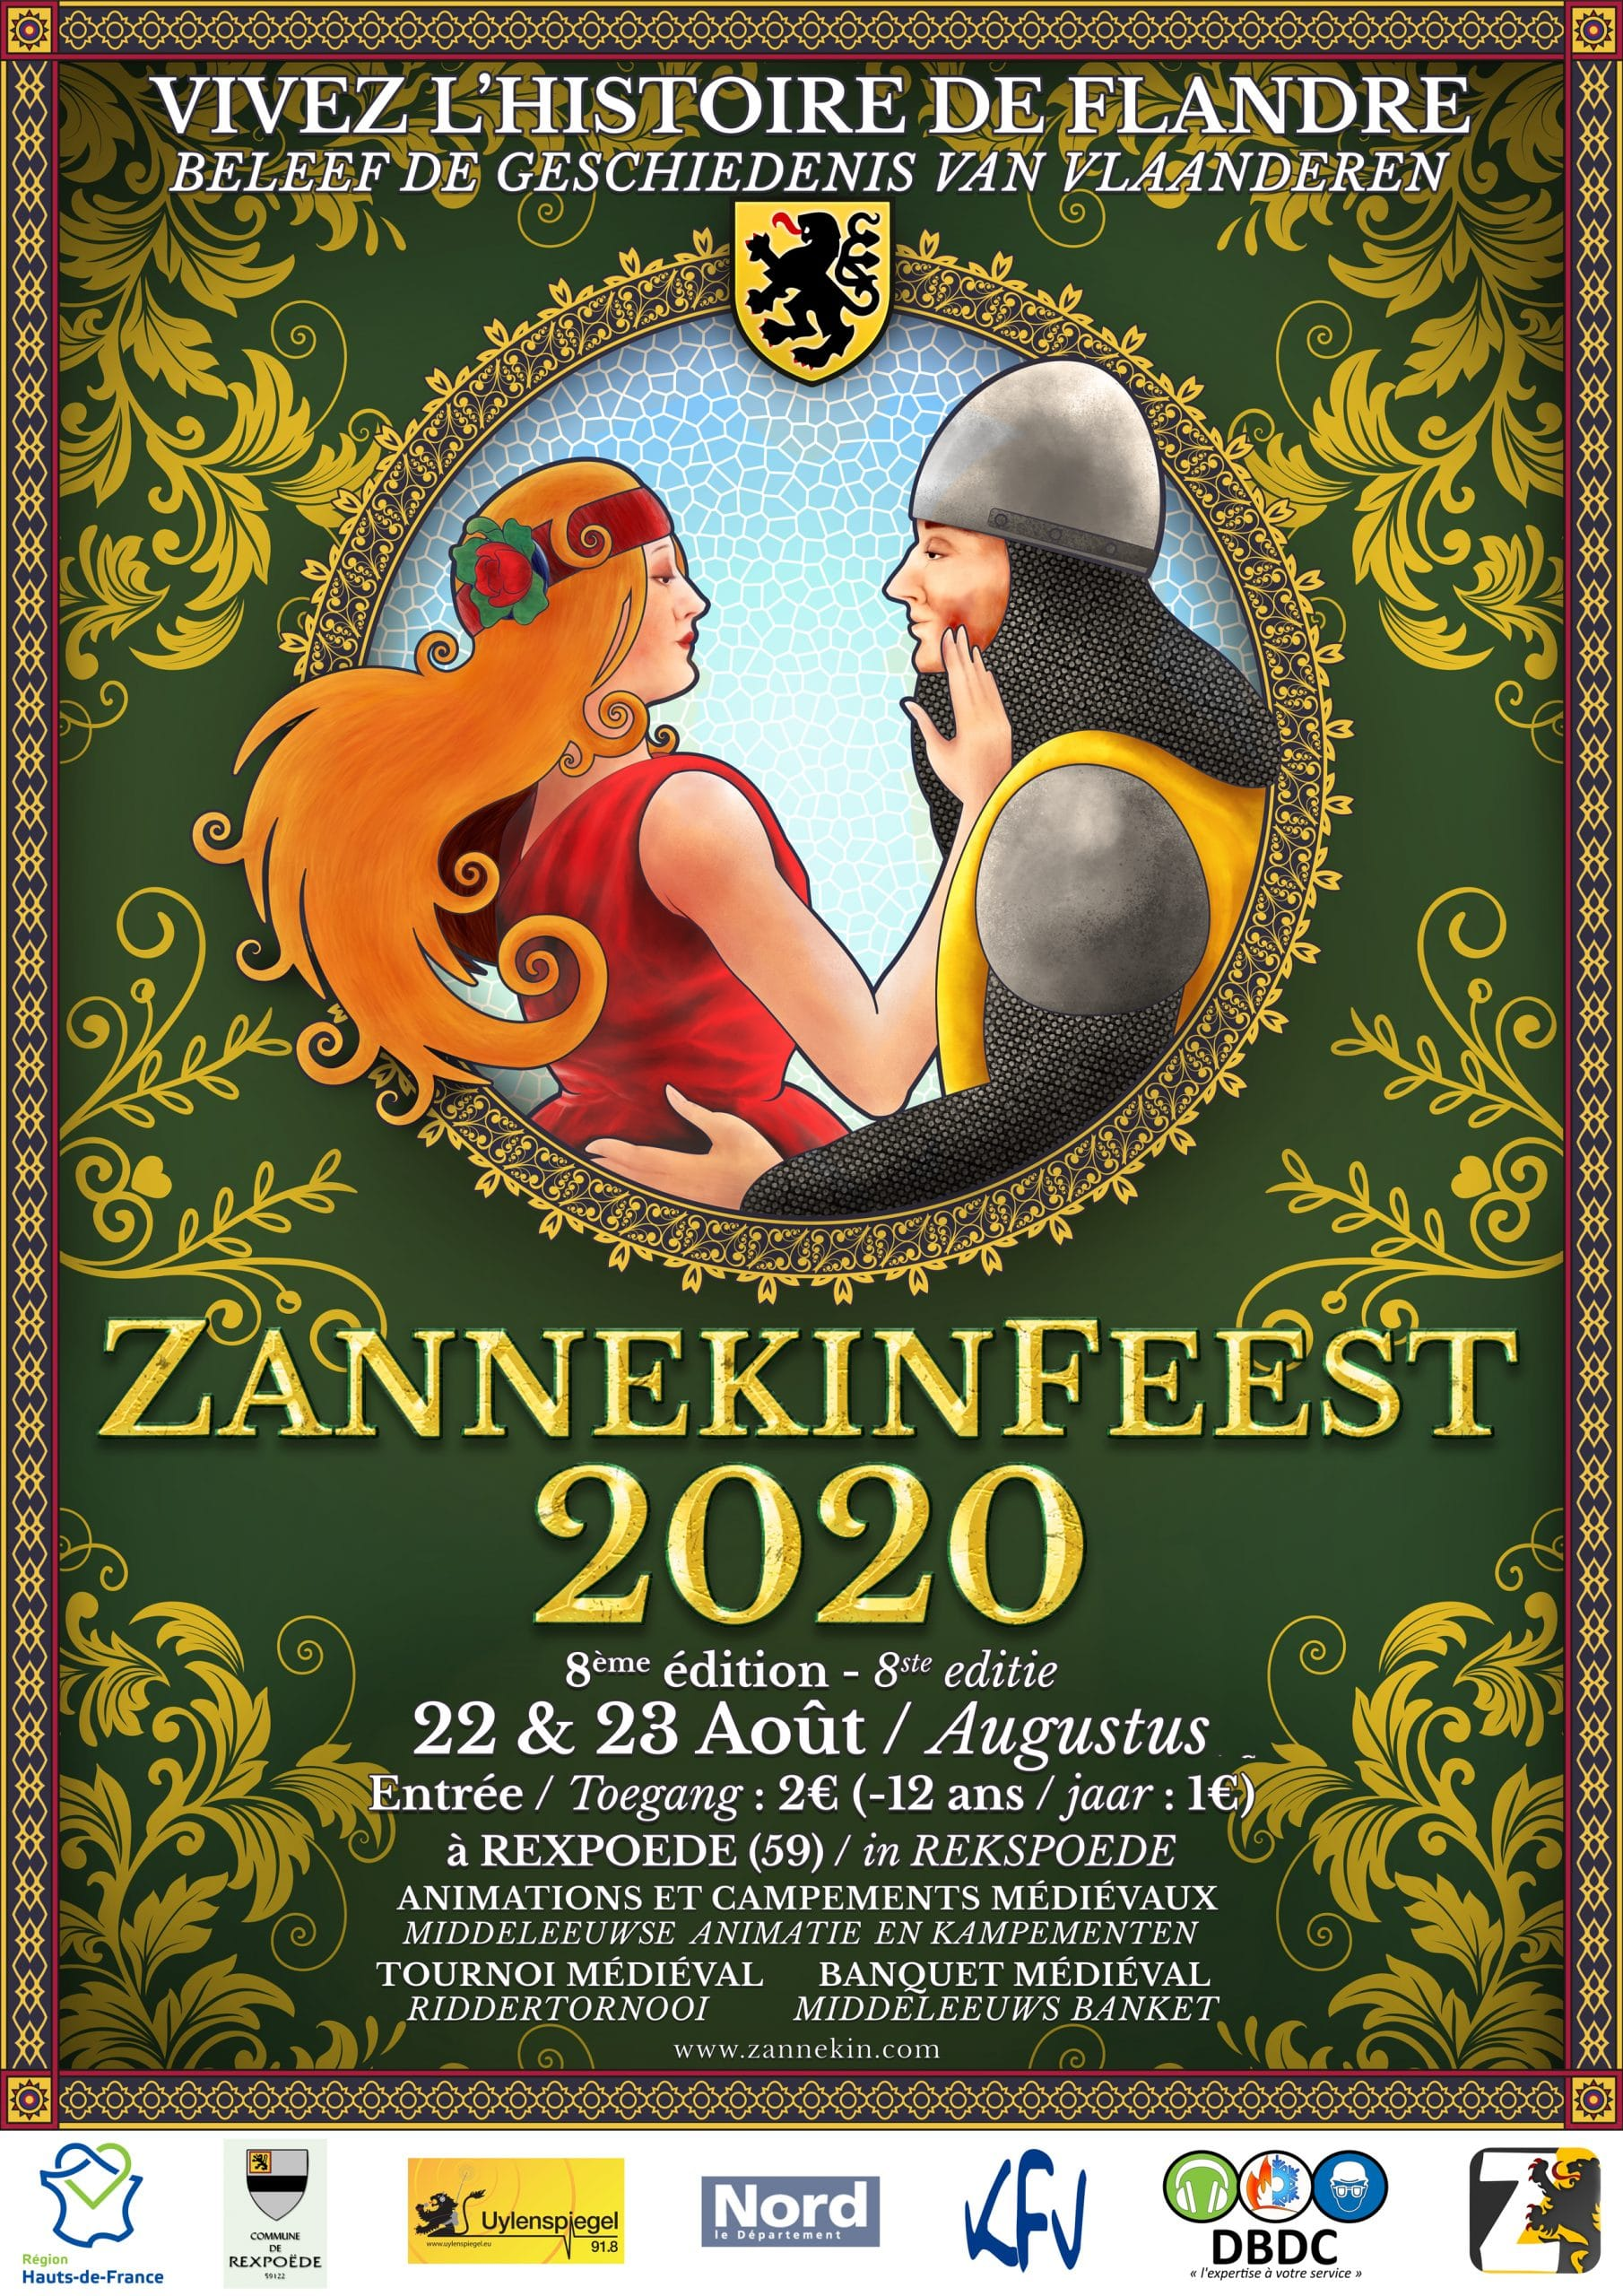 Affiche Zannekinfeest 2020